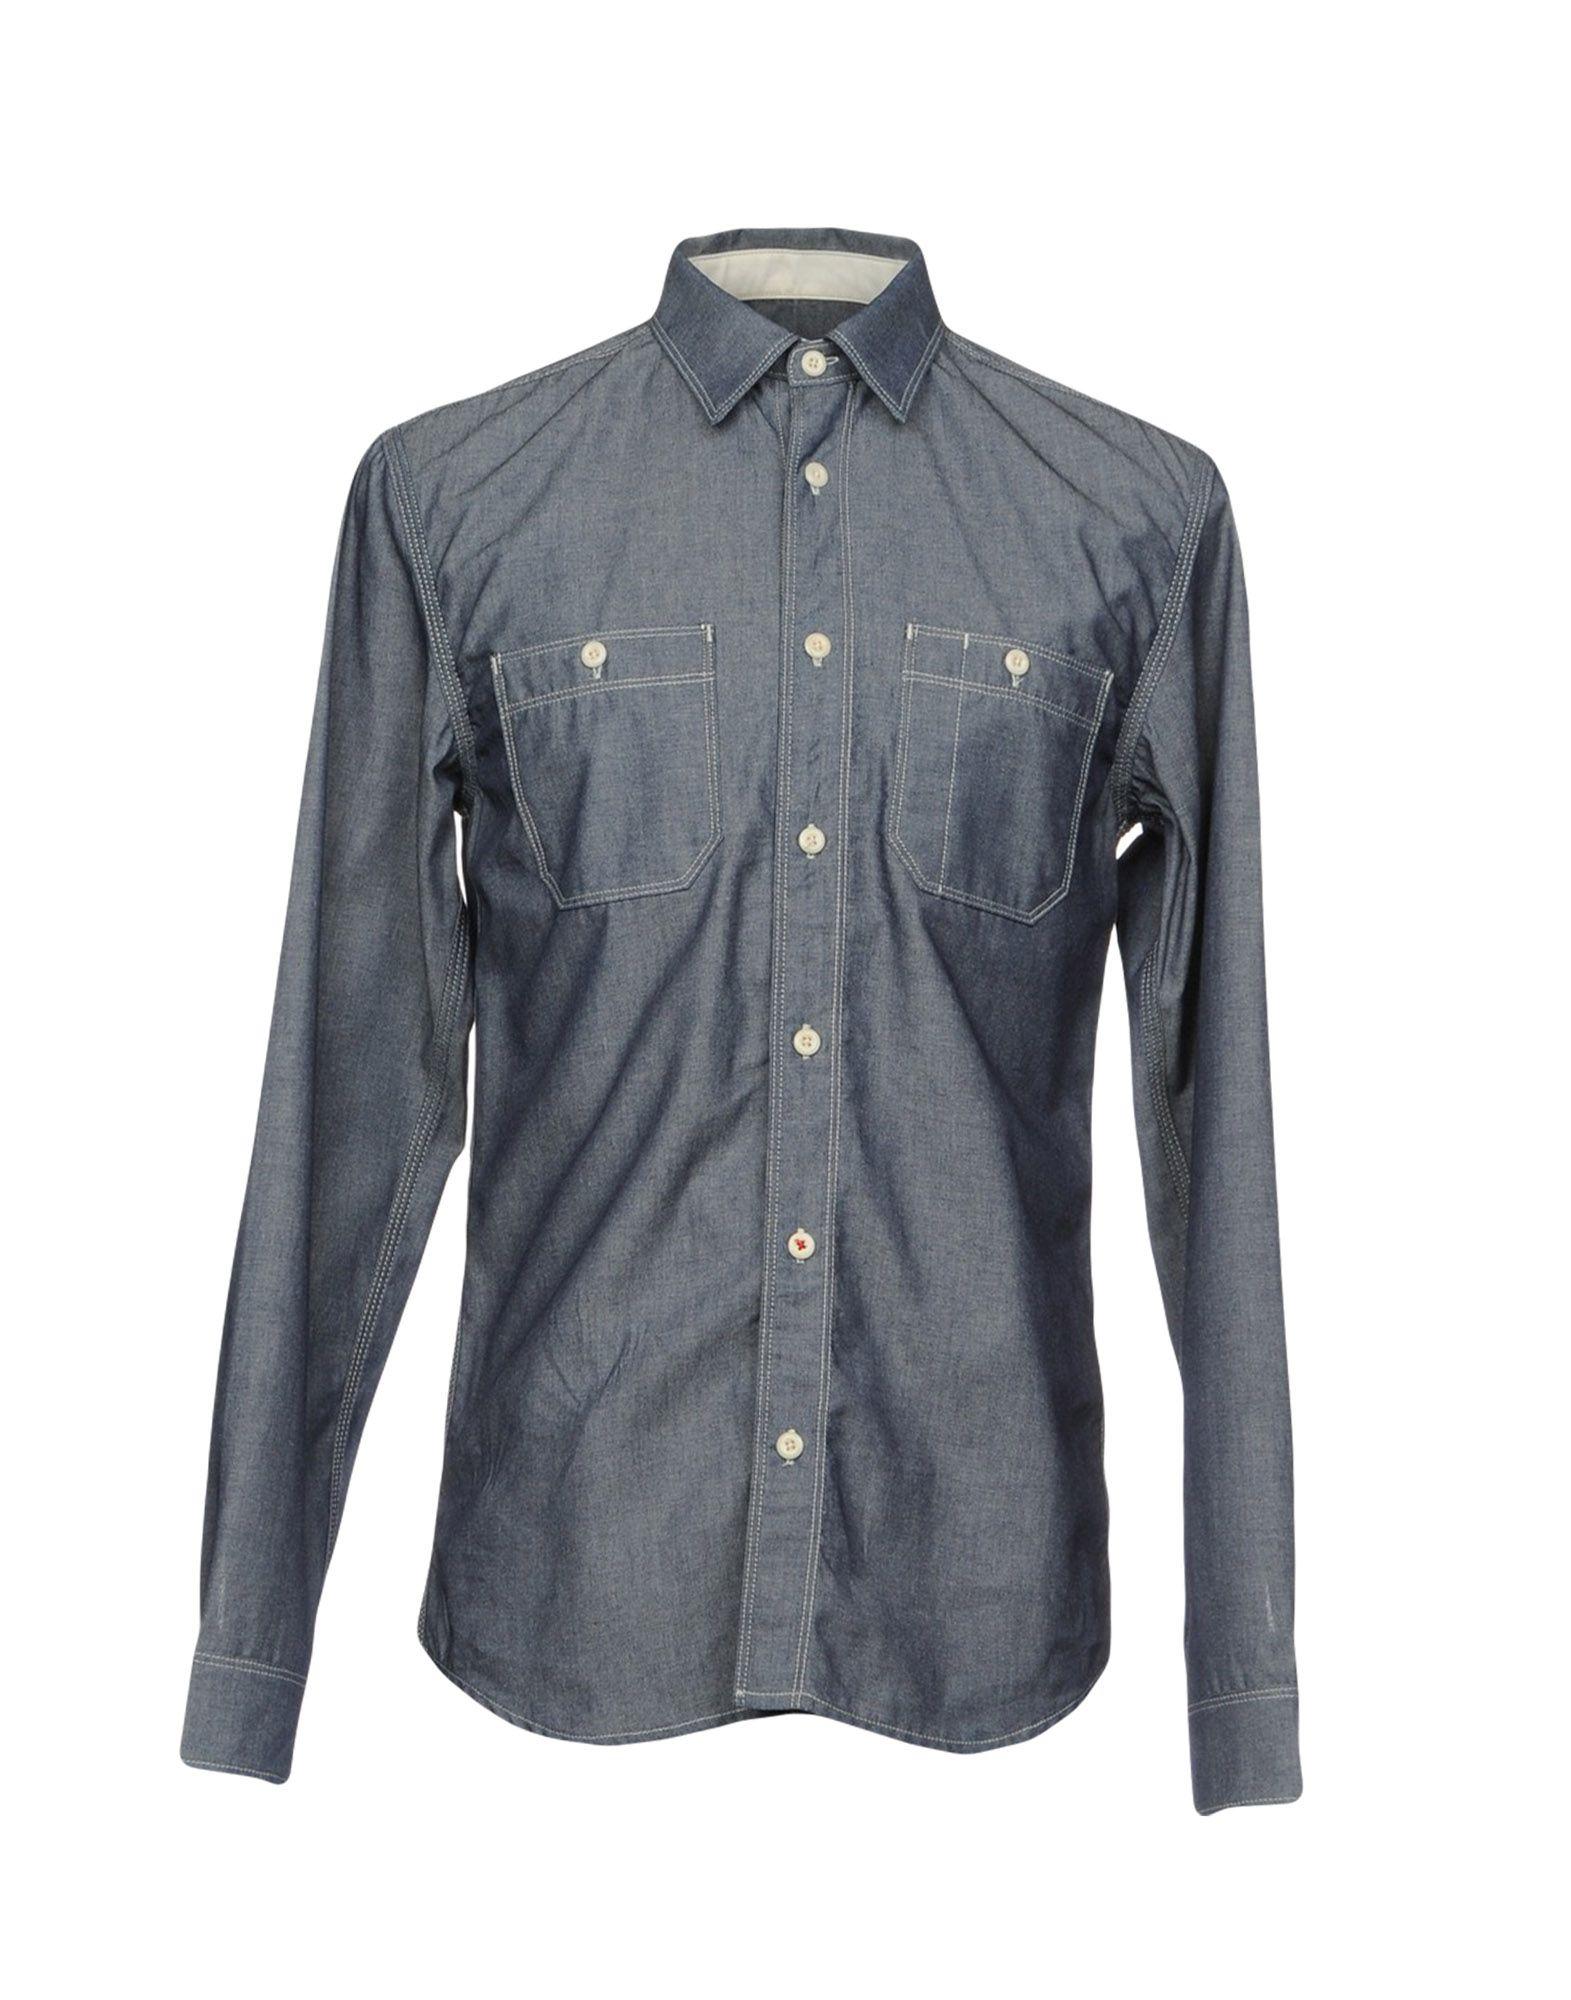 R.D.D. ROYAL DENIM DIVISION BY JACK & JONES Джинсовая рубашка рубашка джинсовая by swan by swan by004ewrpm05